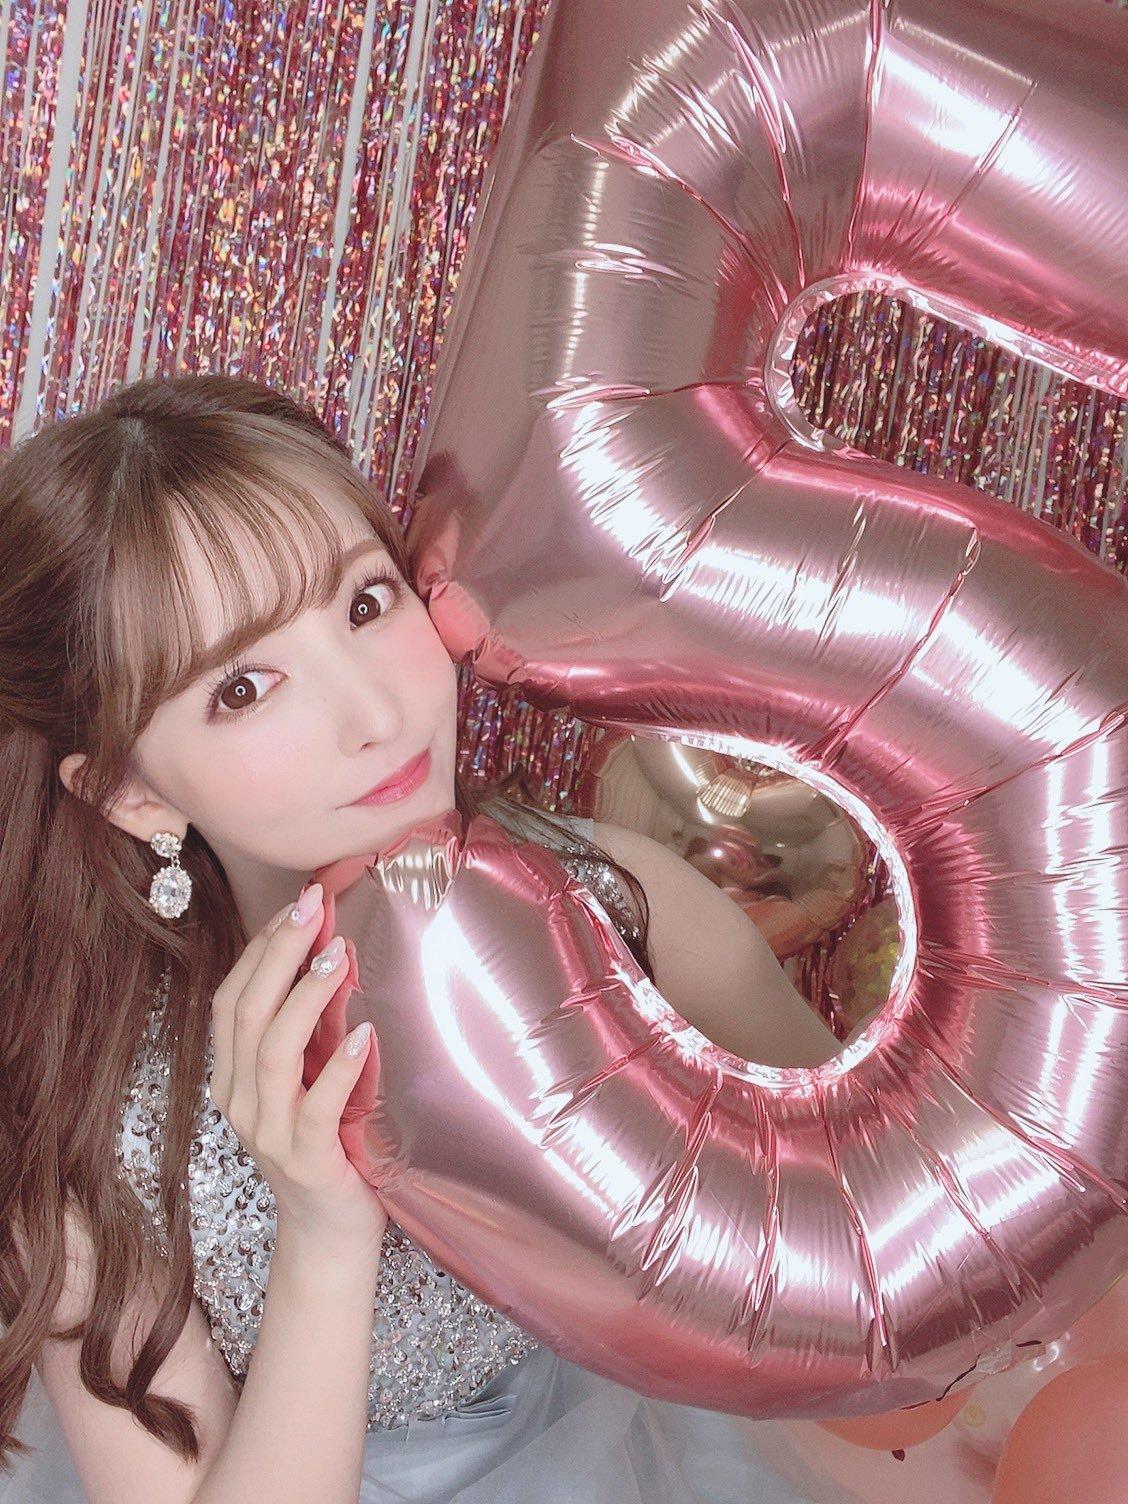 yua_mikami 1267108809060696065_p0